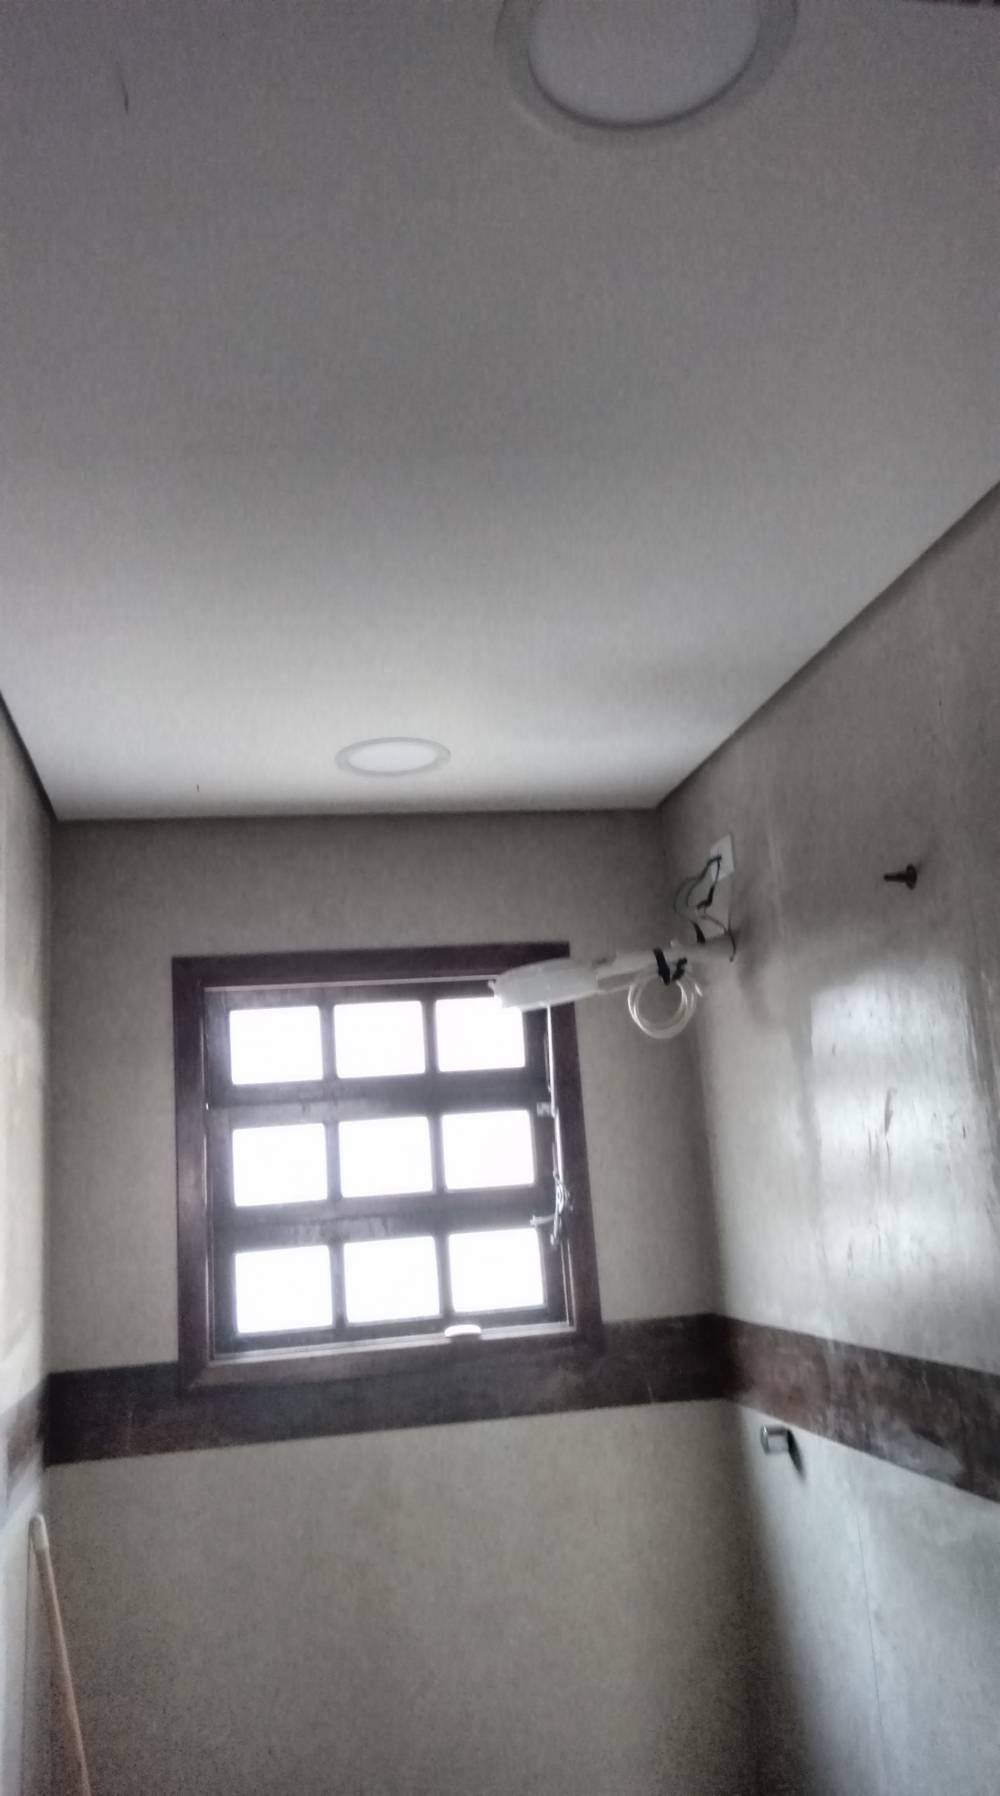 Reparos em Residências Preço em Assunção - Reparo Residencial